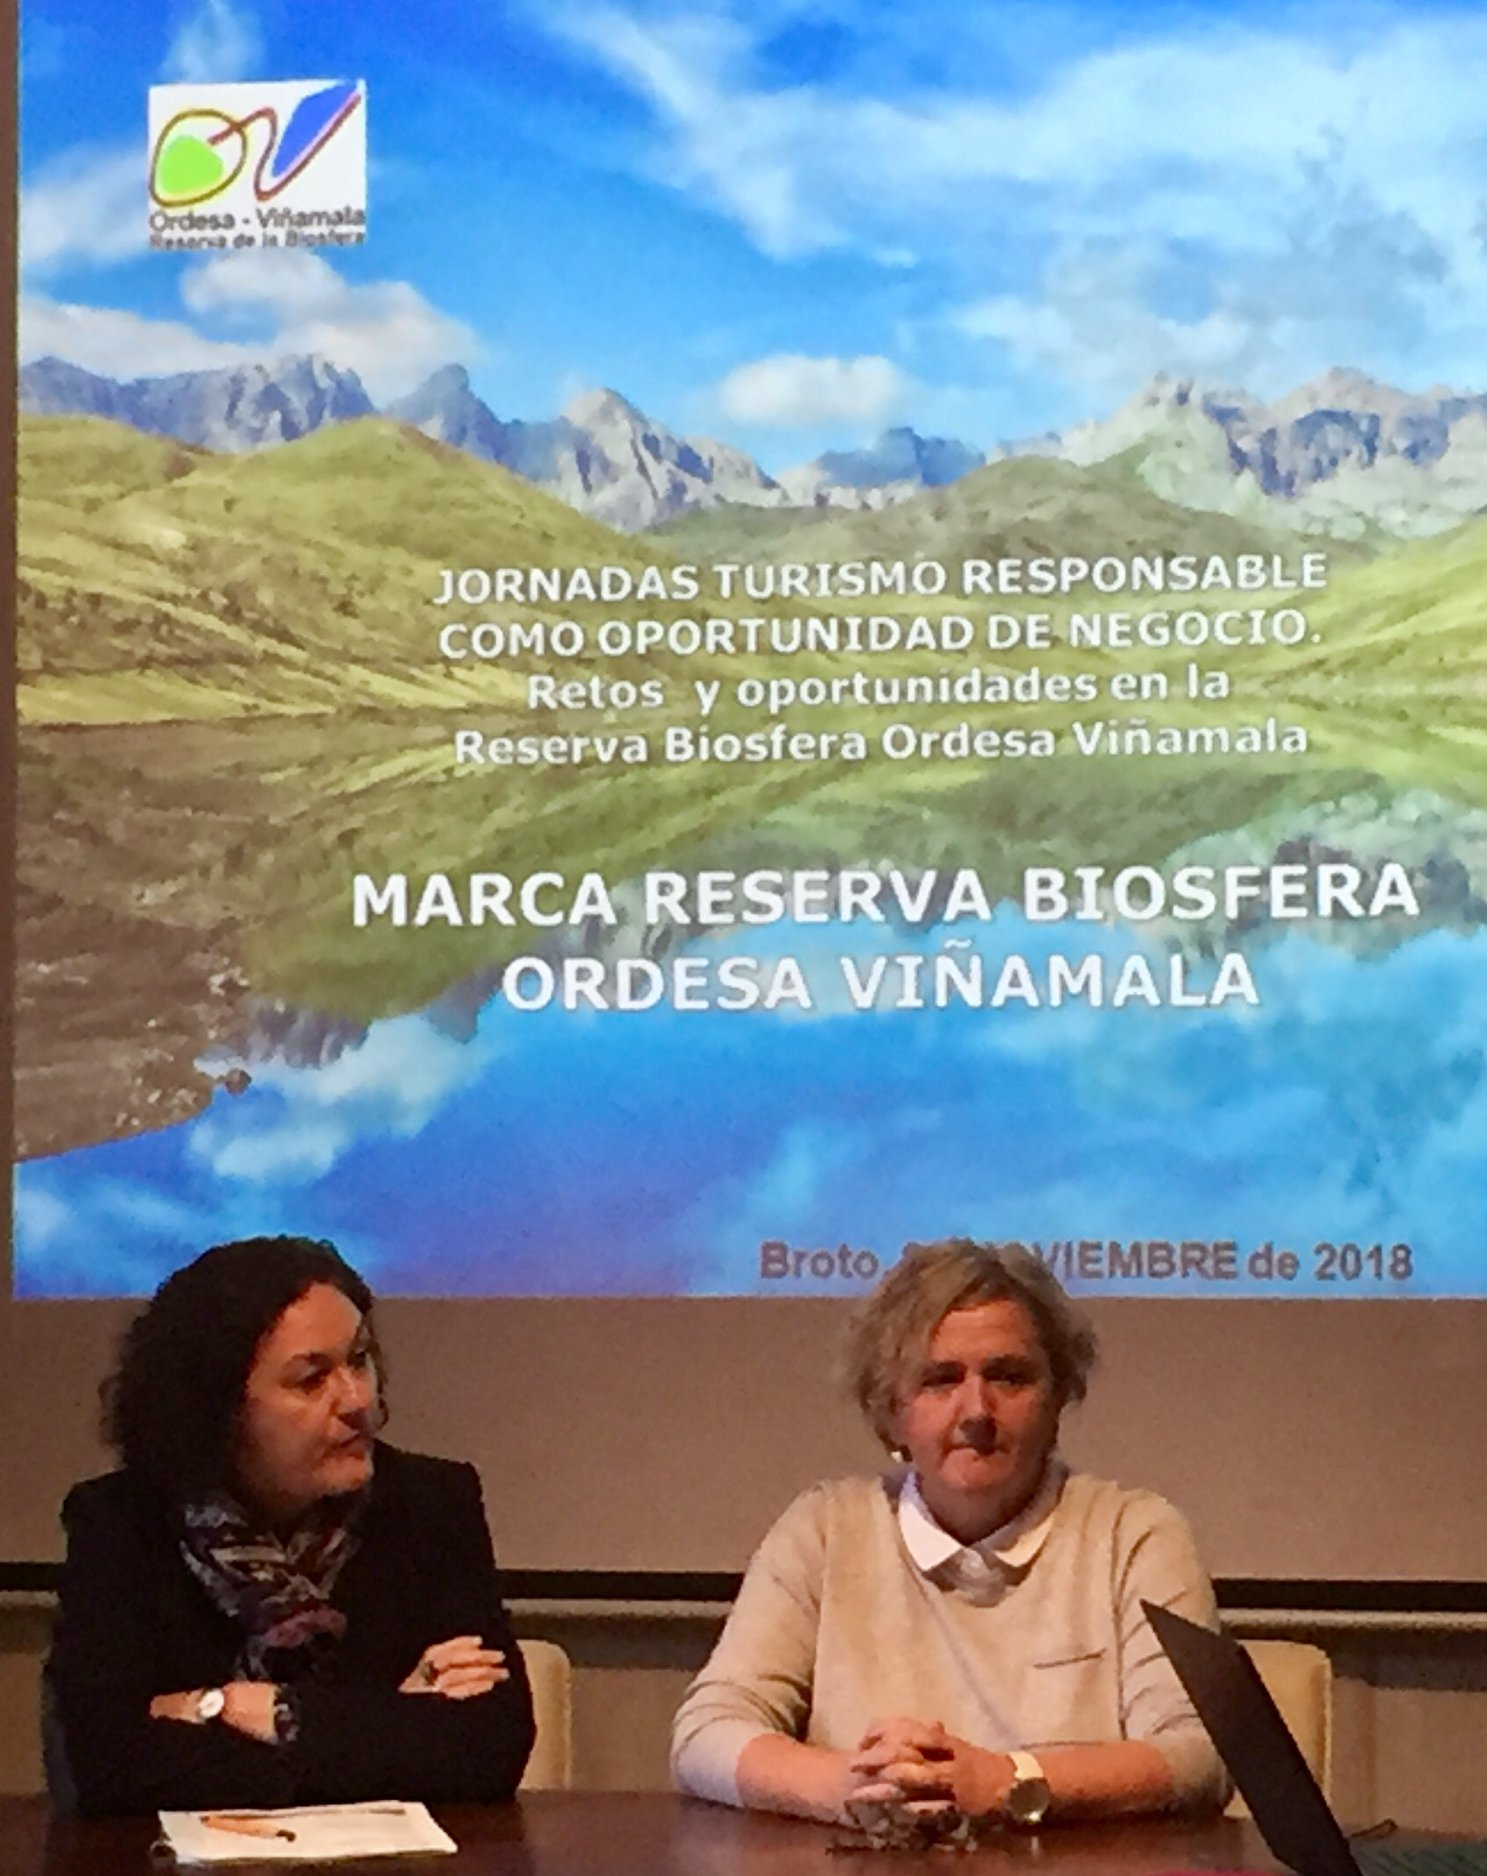 Ordesa Viñamala, Reserva de la Biosfera